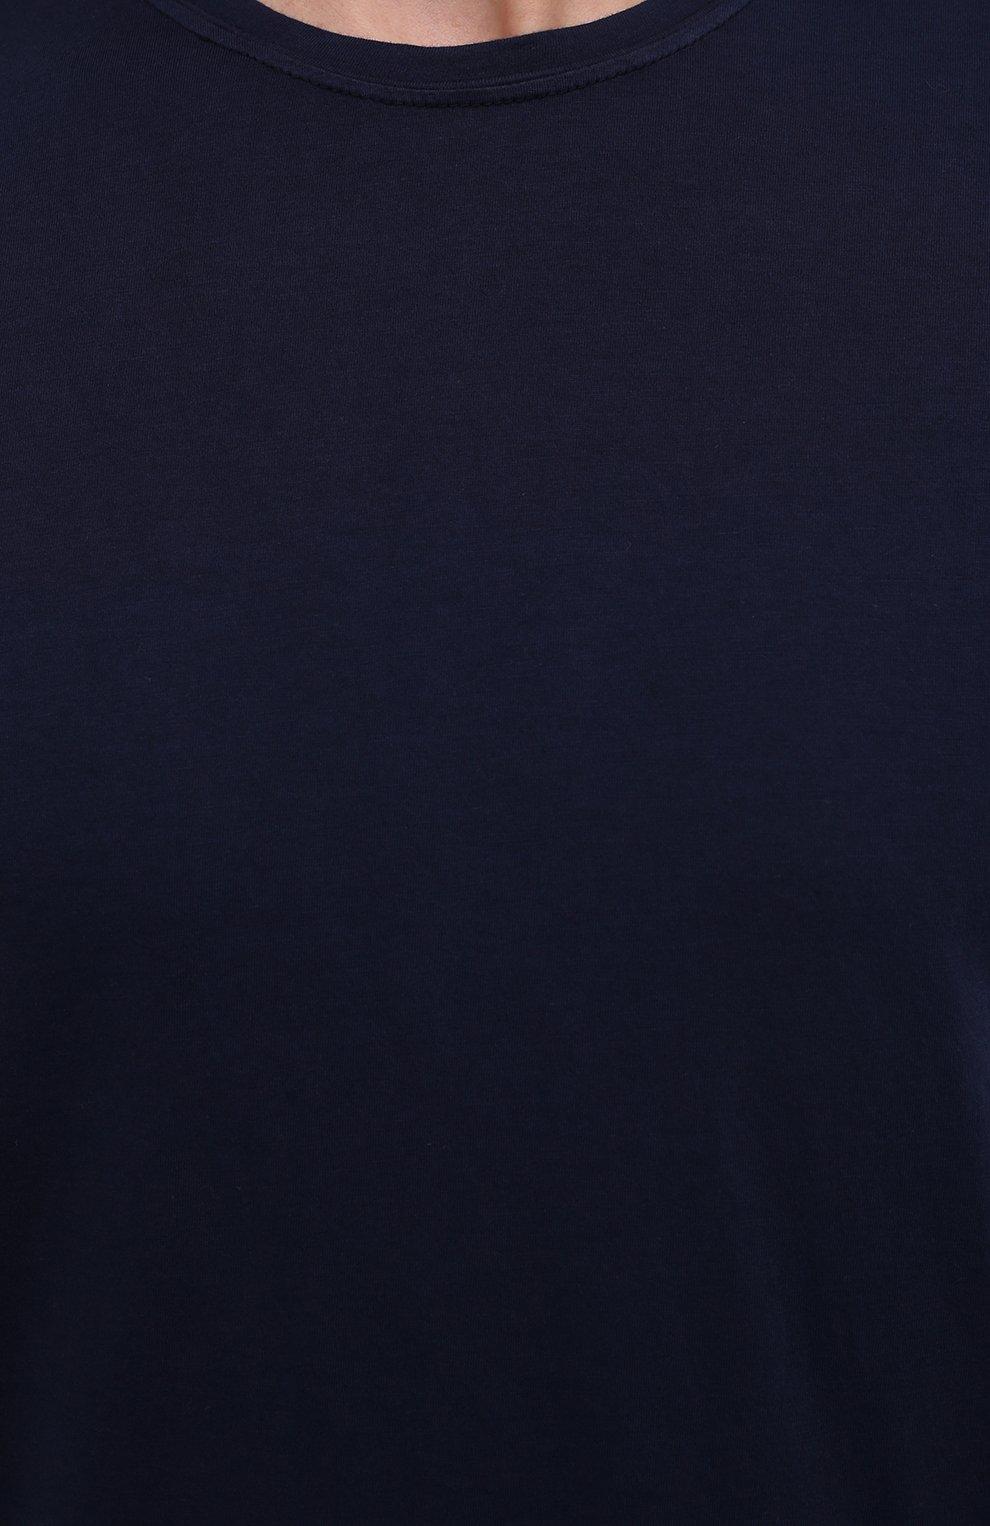 Мужская хлопковая футболка ASPESI темно-синего цвета, арт. S1 A 3107 C089 | Фото 5 (Принт: Без принта; Рукава: Короткие; Длина (для топов): Стандартные; Материал внешний: Хлопок; Стили: Кэжуэл)